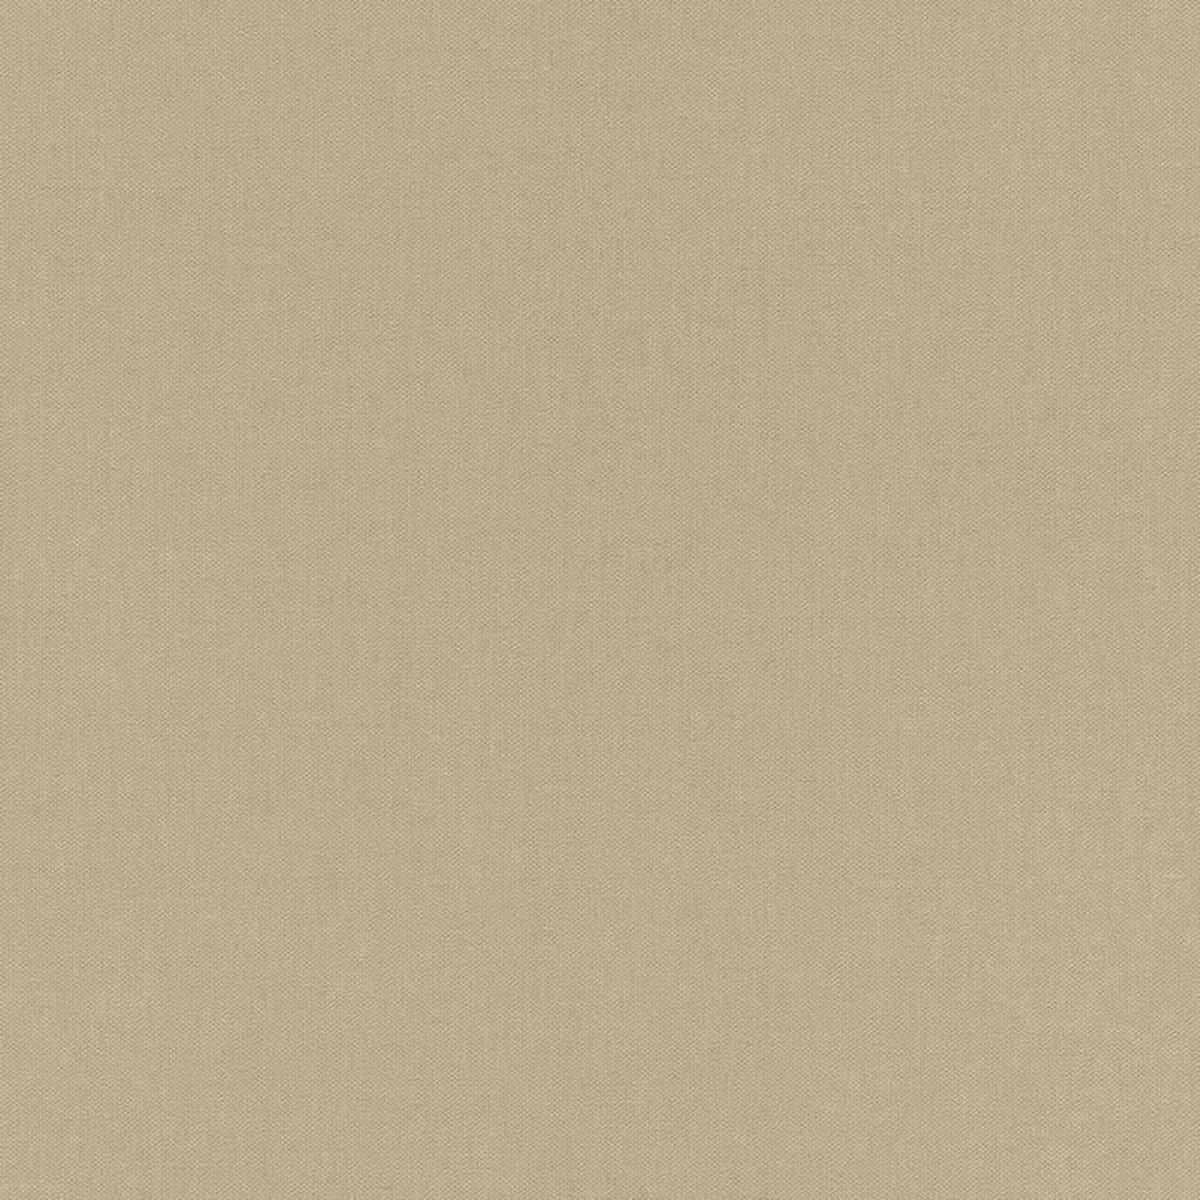 Обои флизелиновые Rasch Poetry коричневые 0.53 м 424096